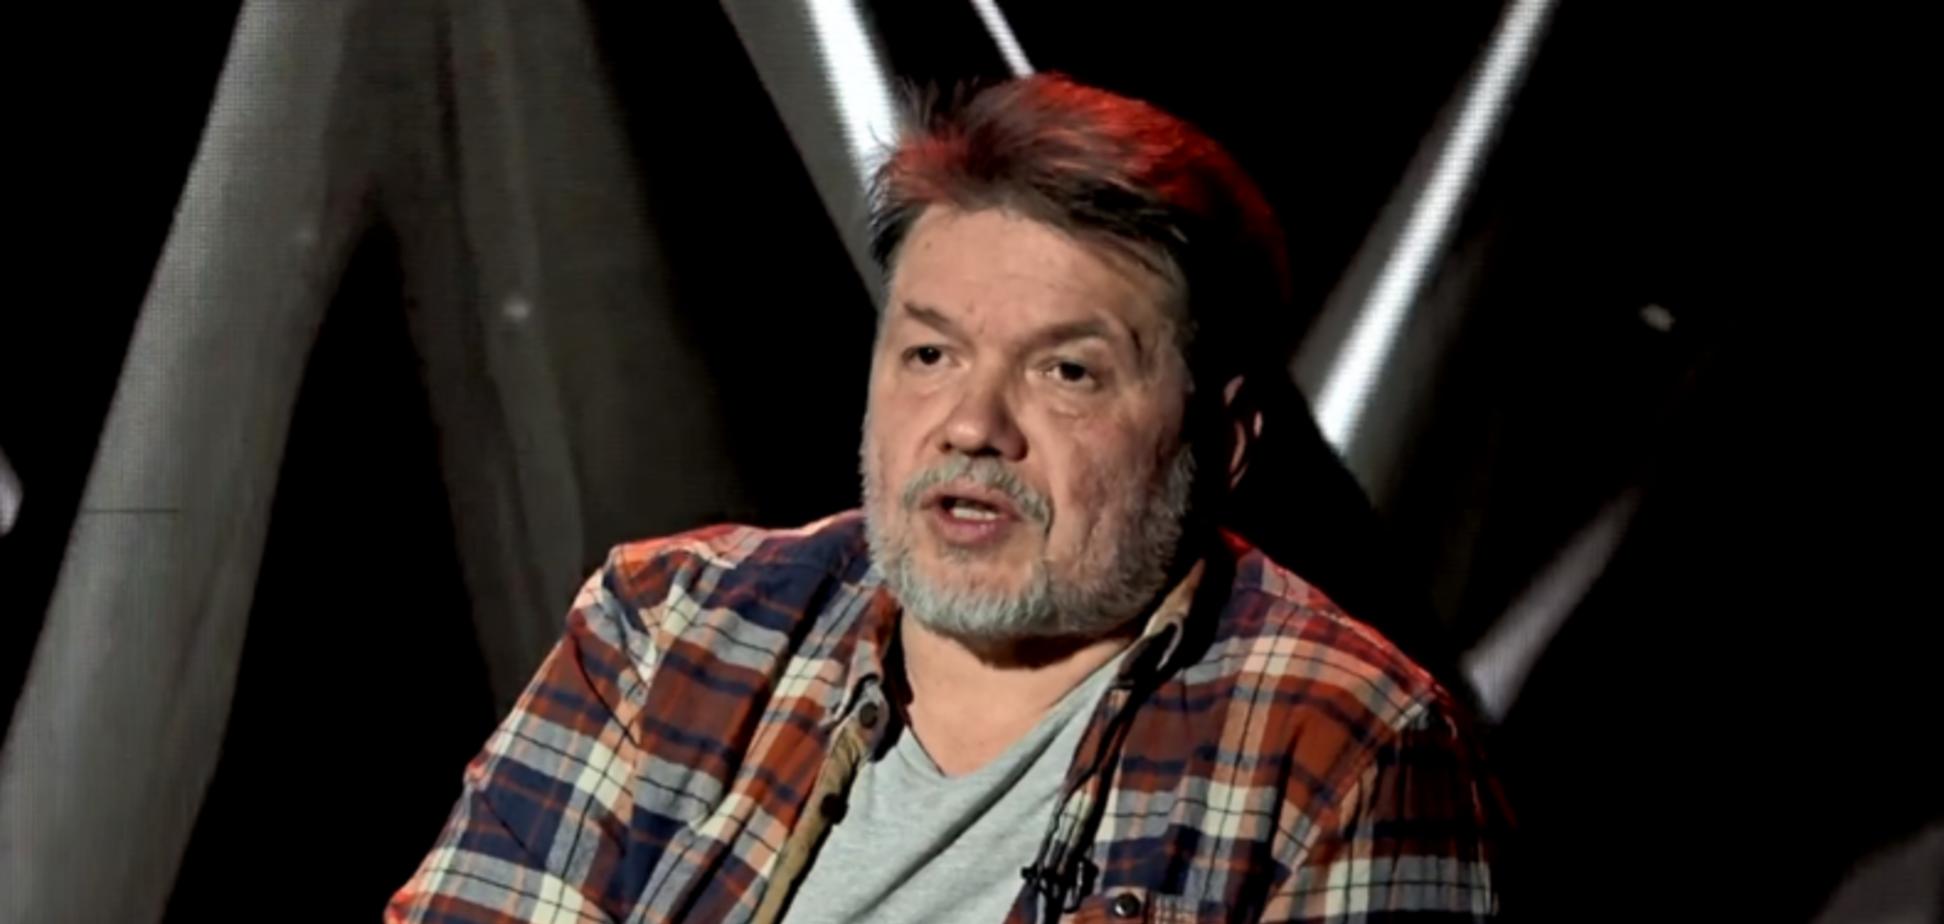 'Побудуємо росТБ в Україні': екснардеп забив на сполох через закон про дезінформацію